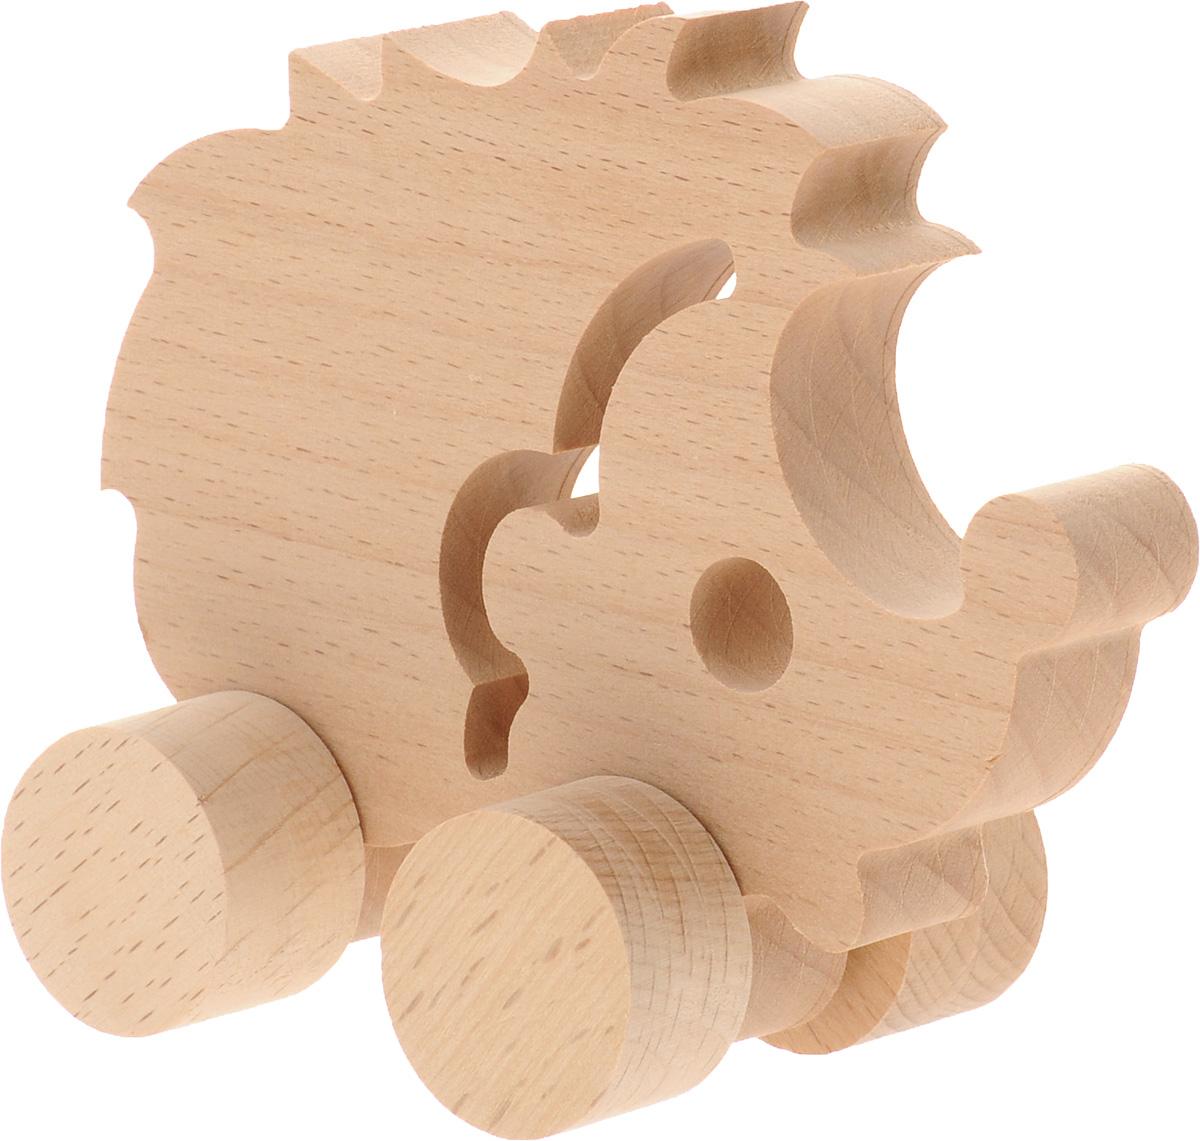 Волшебный городок Игрушка-каталка ЕжикКЁБДеревянные игрушки Волшебный городок развивают моторику ребенка, логику, пространственное мышление, зрительное восприятие и внимание малыша. Игрушка-каталка Ежик выполнена из высококачественного дерева (бука). Колеса игрушки имеют свободный ход. Игрушка-каталка непременно понравится вашему ребенку, подойдет для игры как дома, так и на свежем воздухе.